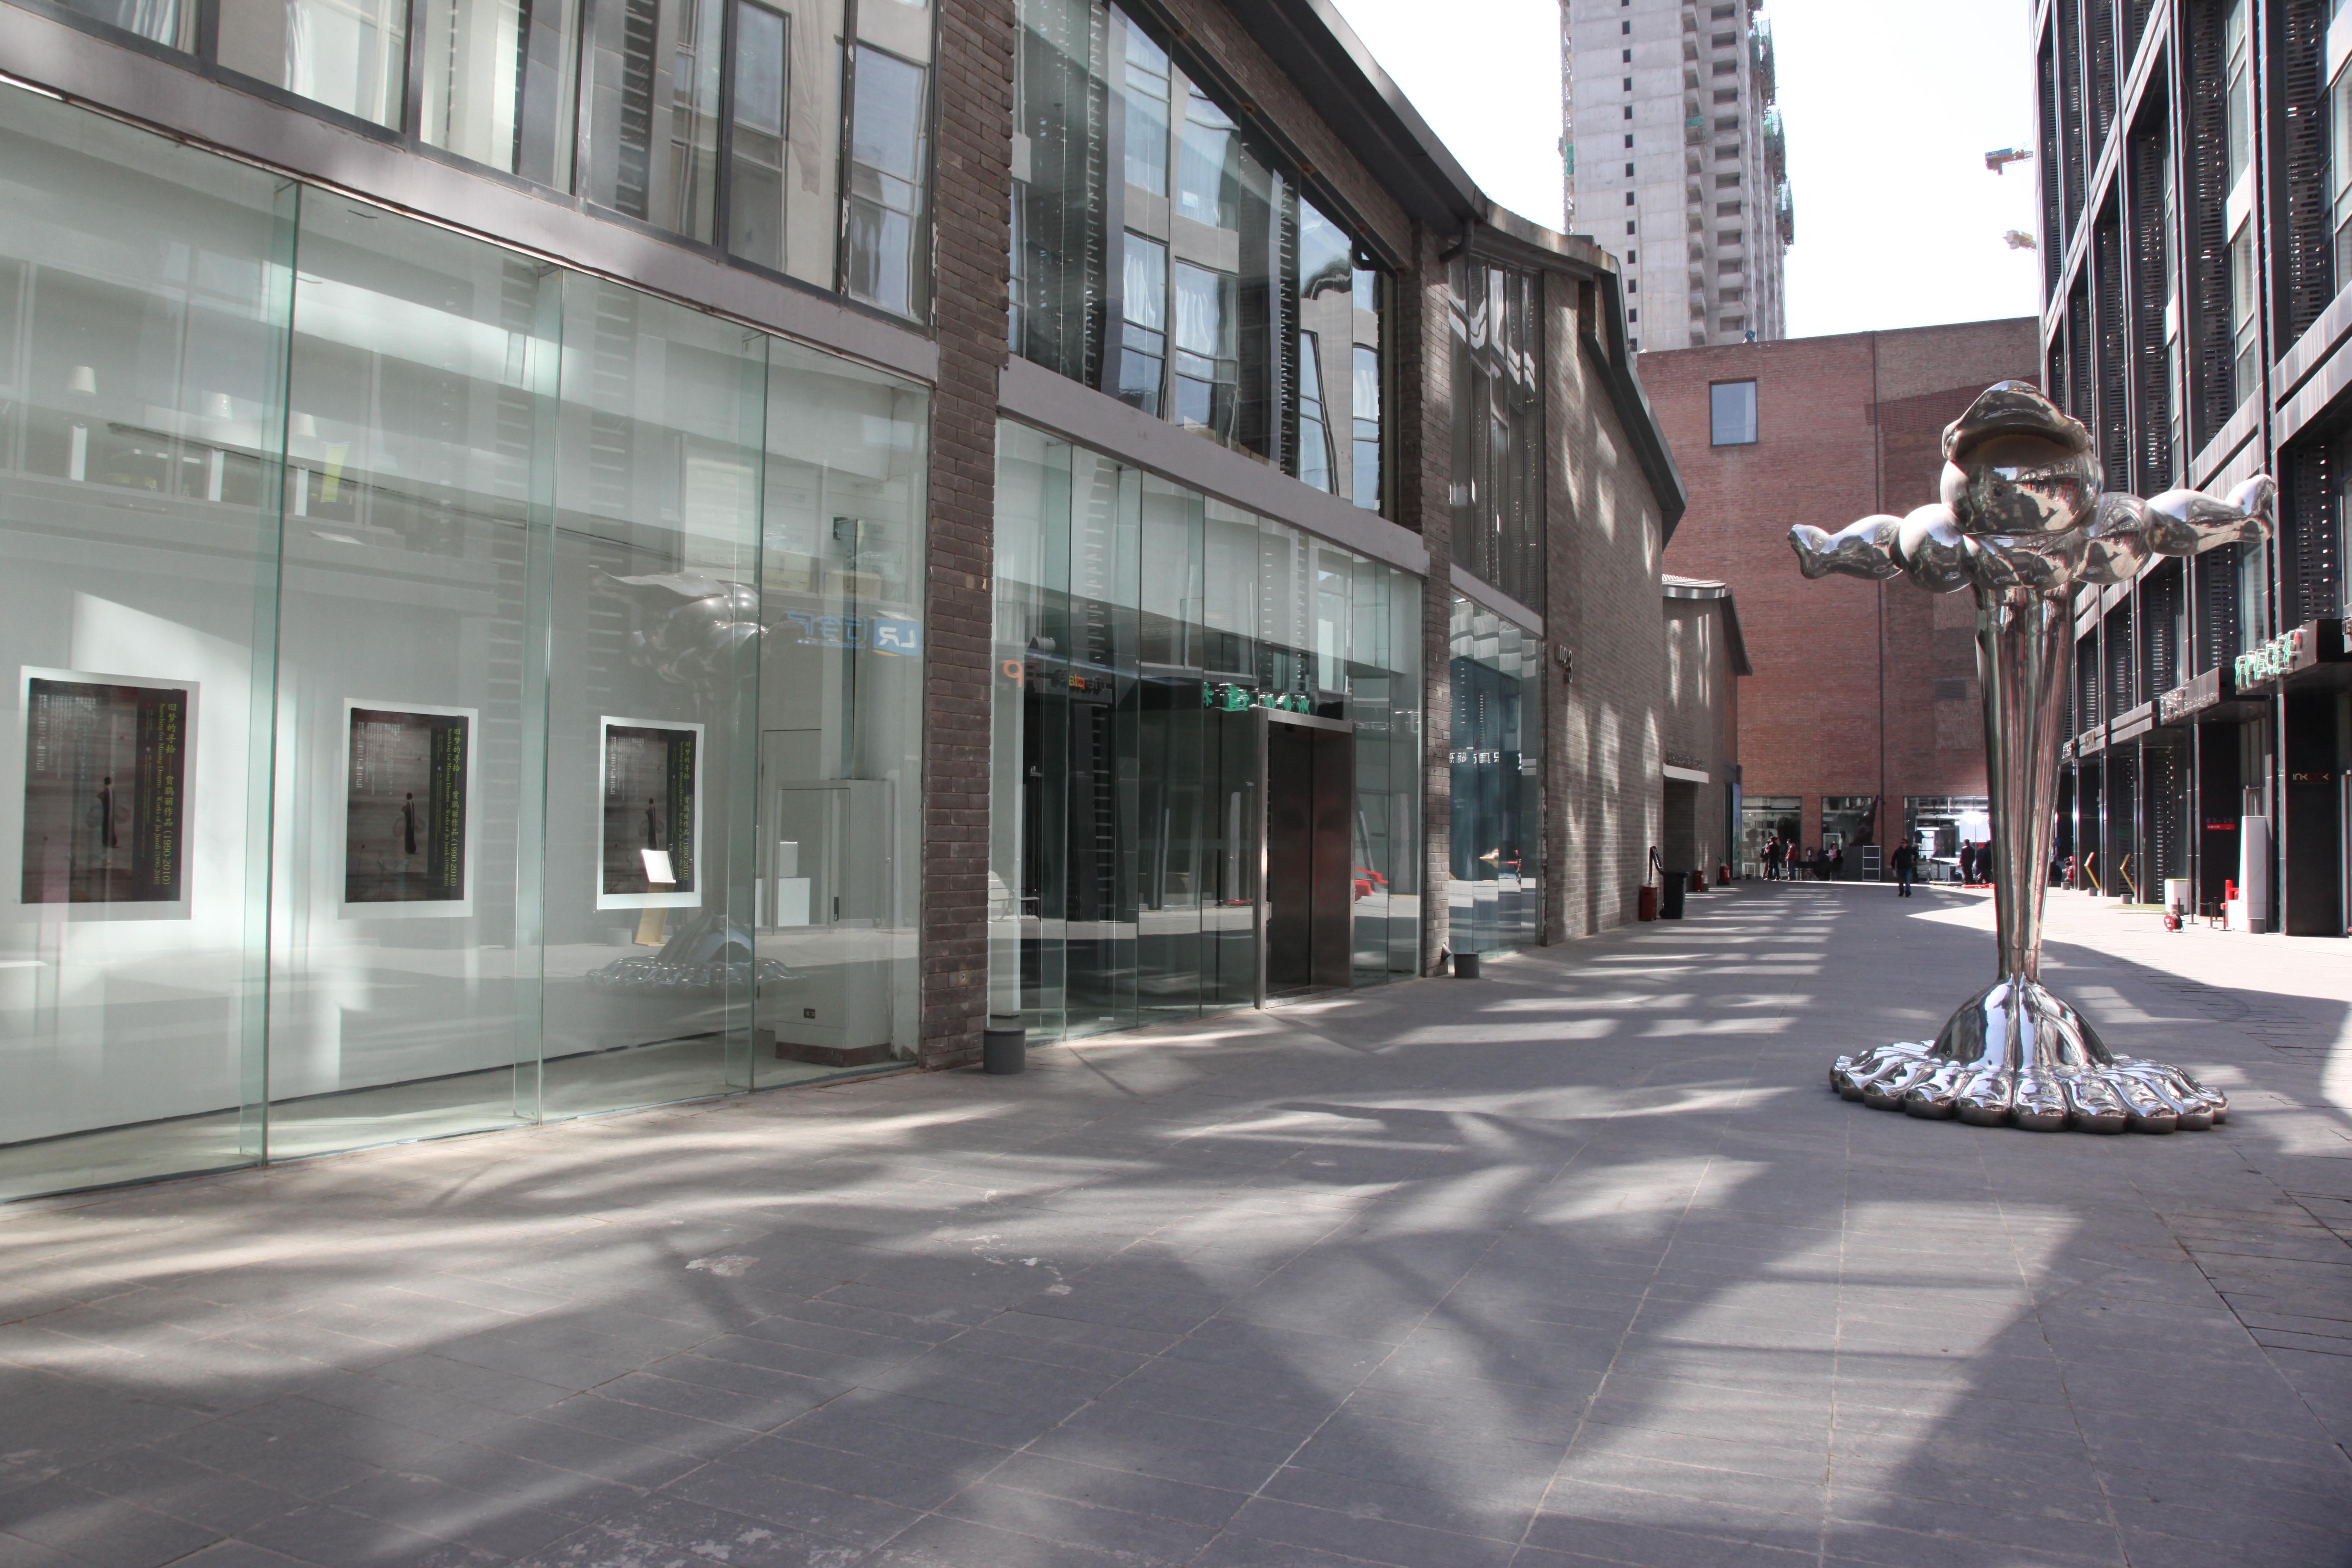 场景_个展·中国-2011 北京_今日美术馆_0019